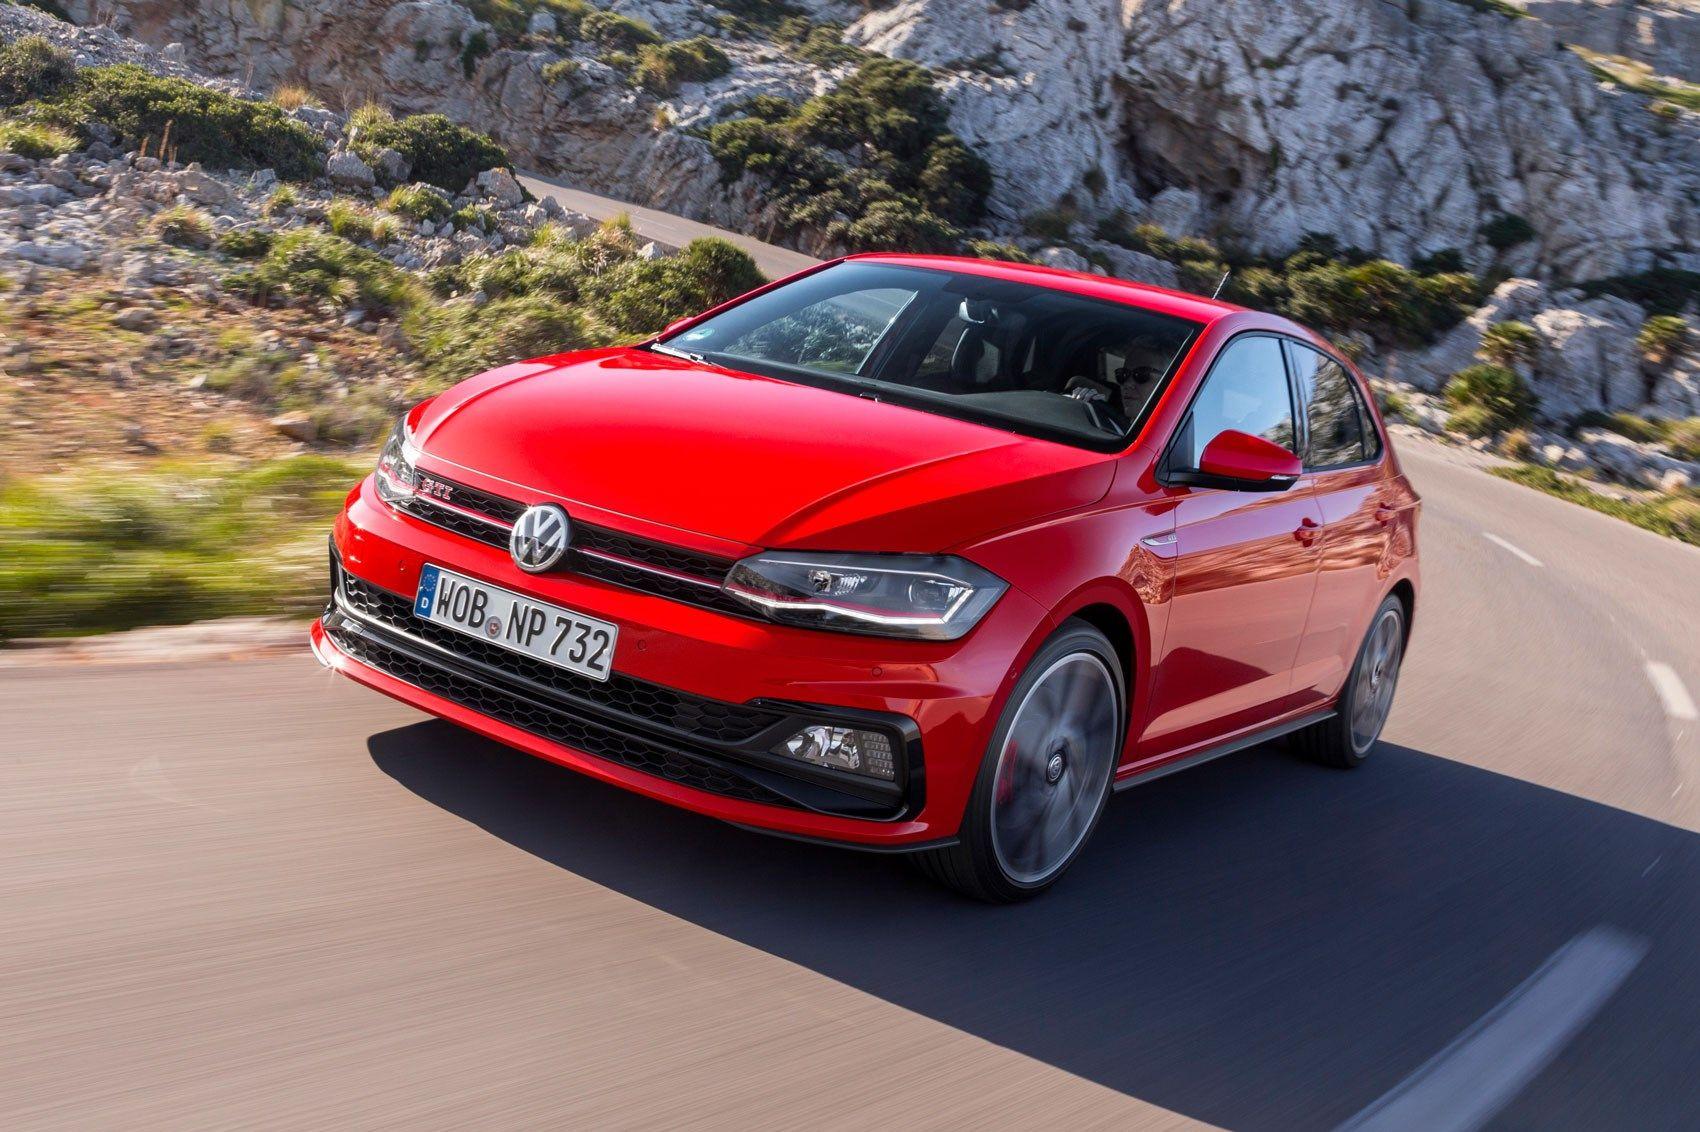 2018 Vw Polo Gti Review Car Magazinehttp Www Carmagazine Co Uk Car Reviews Volkswagen Vw Polo Gti 2018 Review Volkswagen Polo Volkswagen Esportes